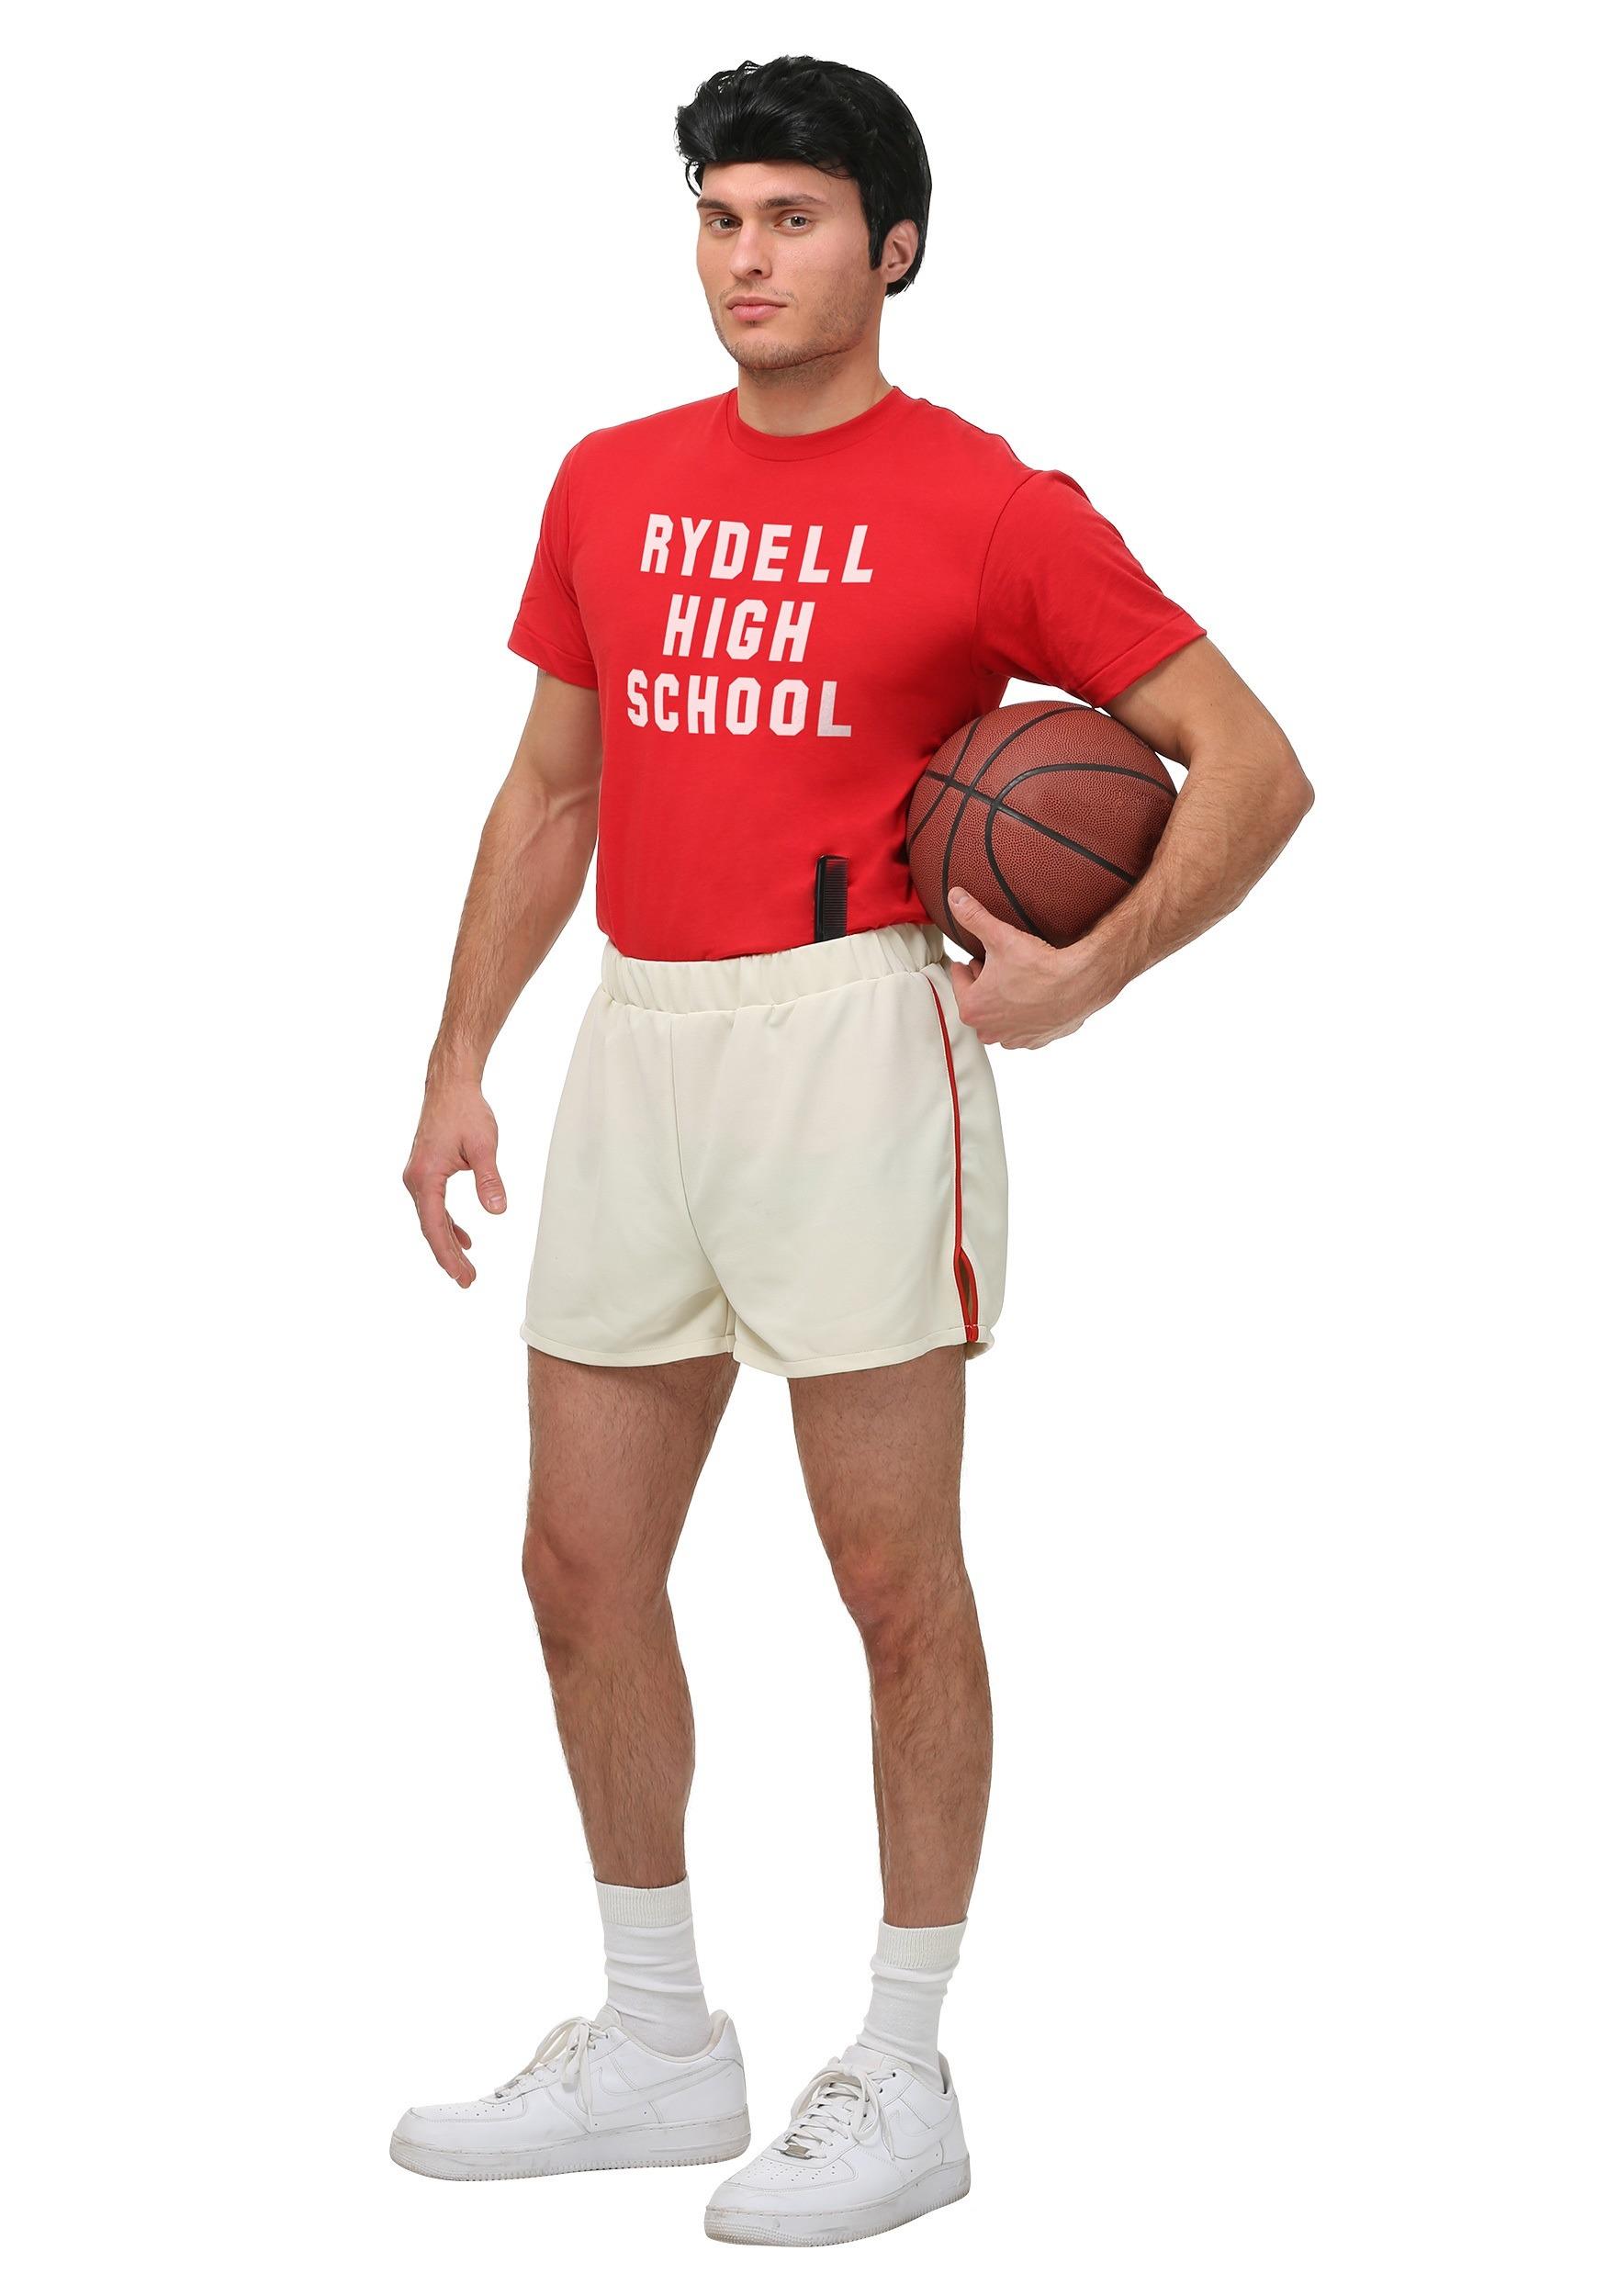 Grease Danny Gym Uniform for Men